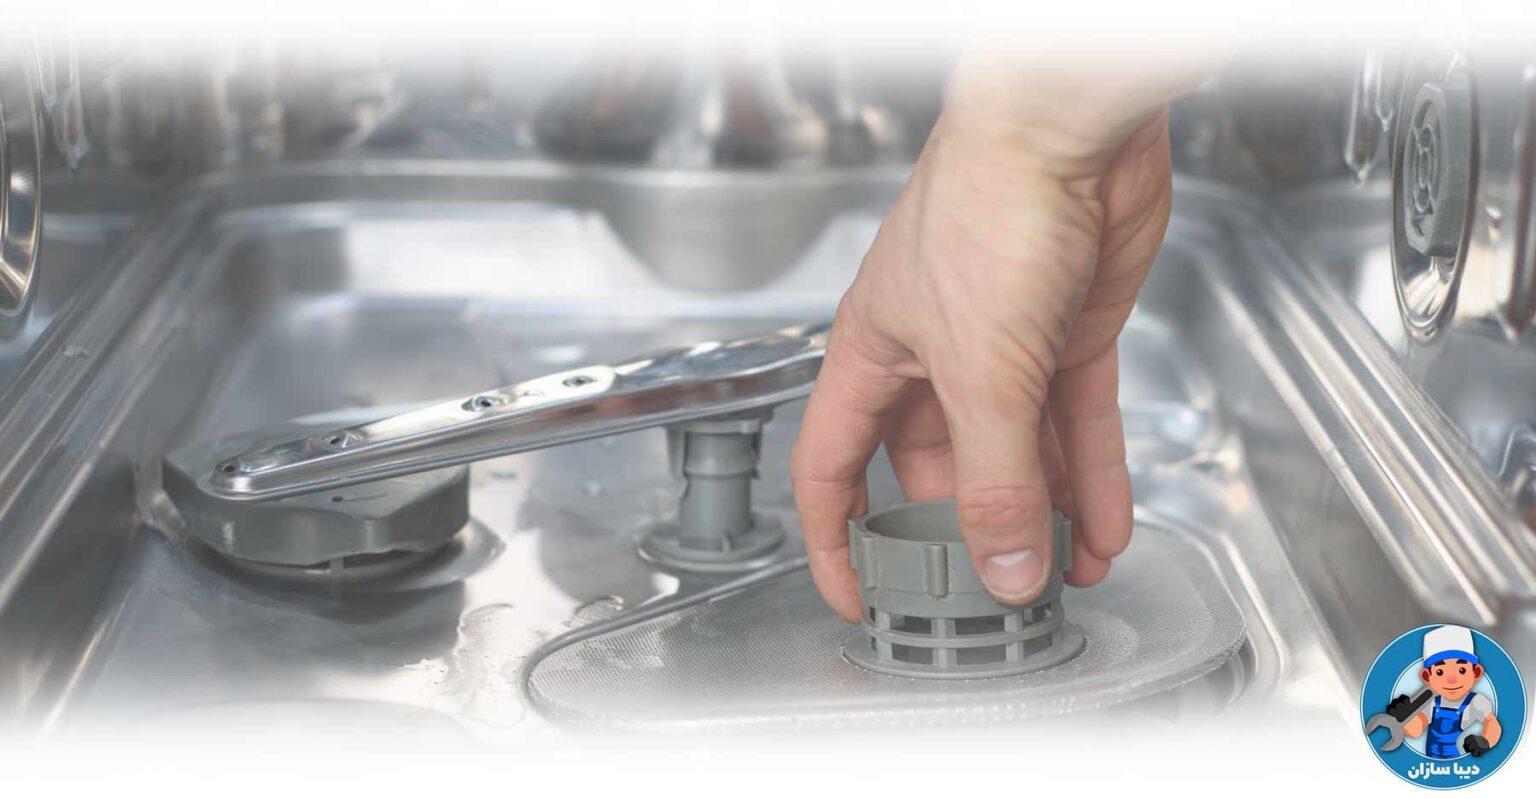 علت عدم تخلیه آب ماشین ظرفشویی